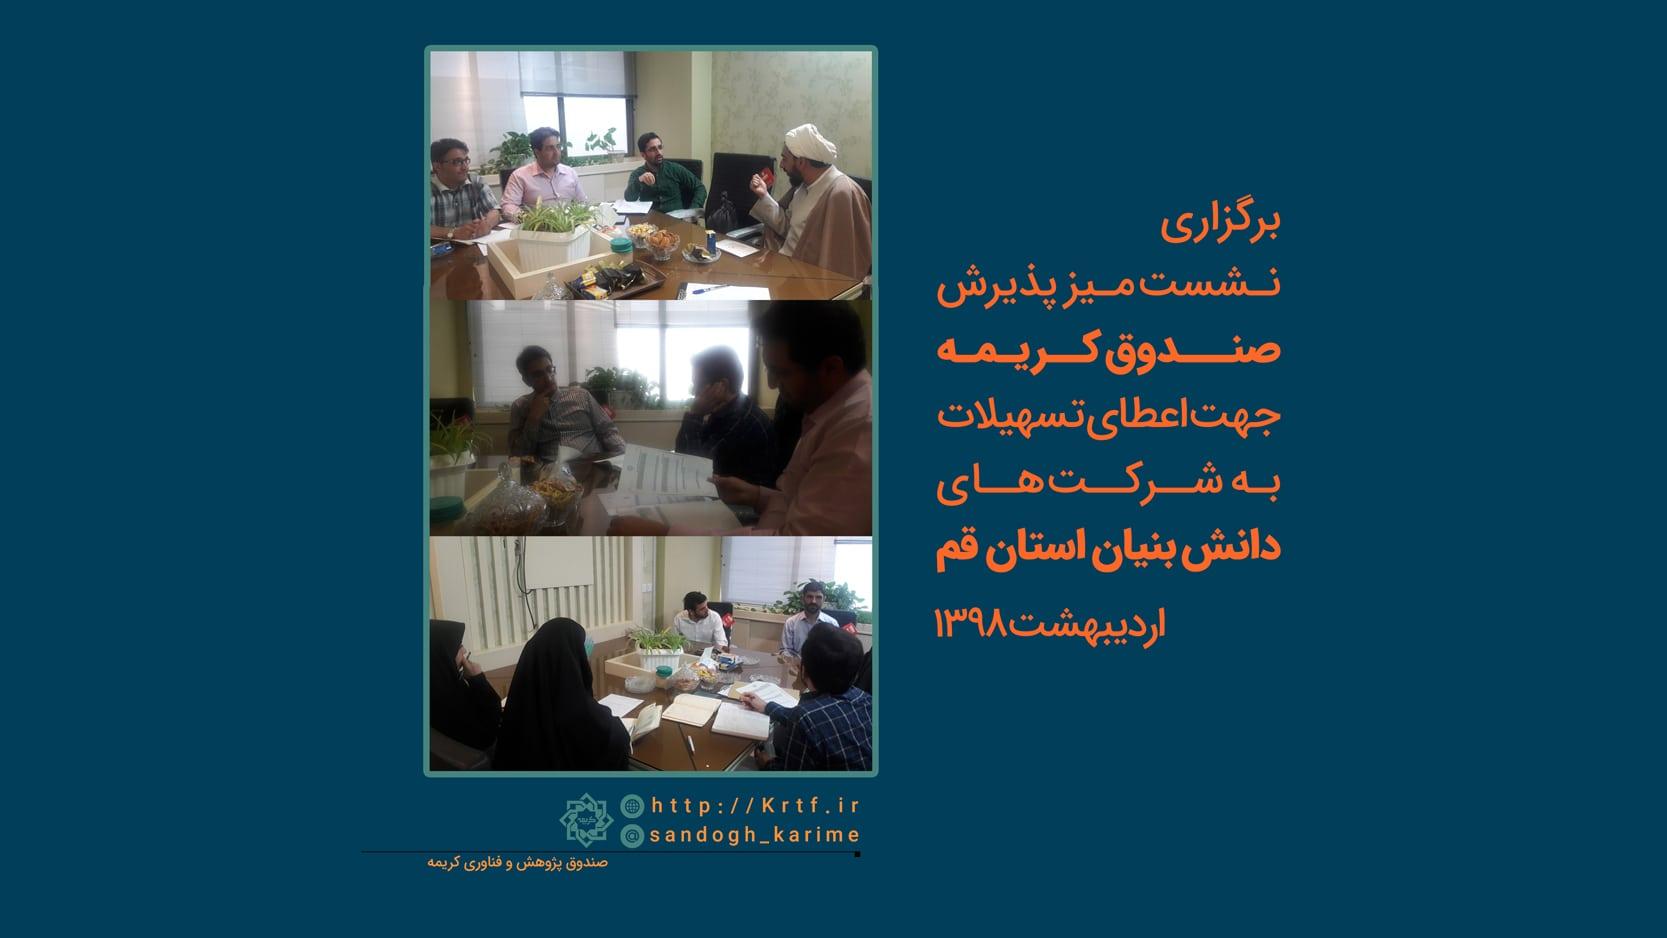 اعطای تسهیلات به شرکت های دانش بنیان استان قم